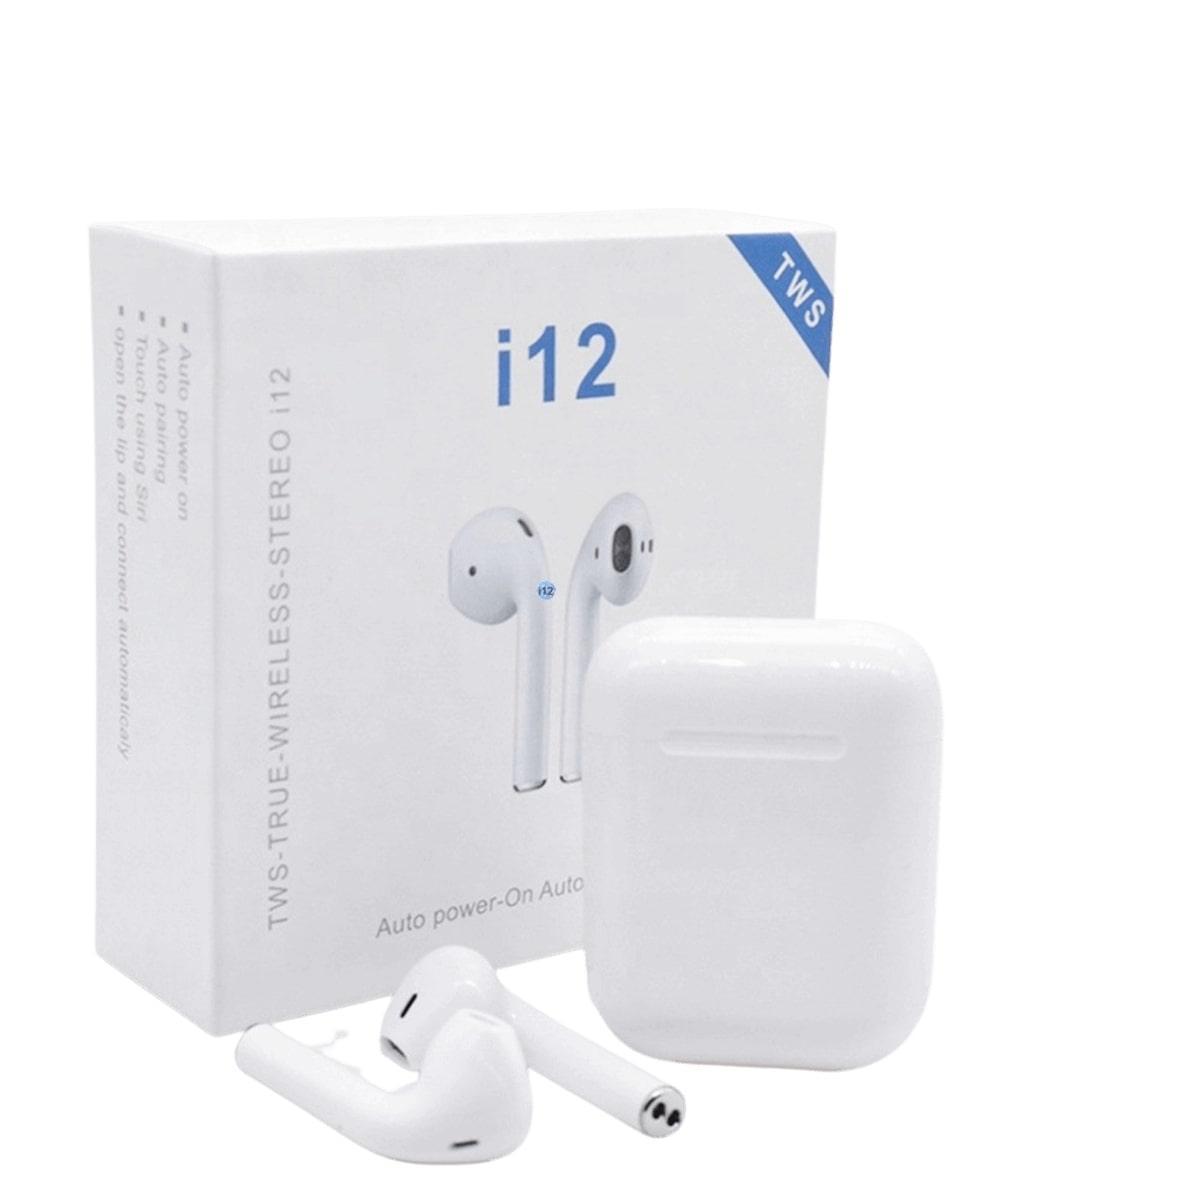 Fone De Ouvido I12 Tws Bluetooth 5.0